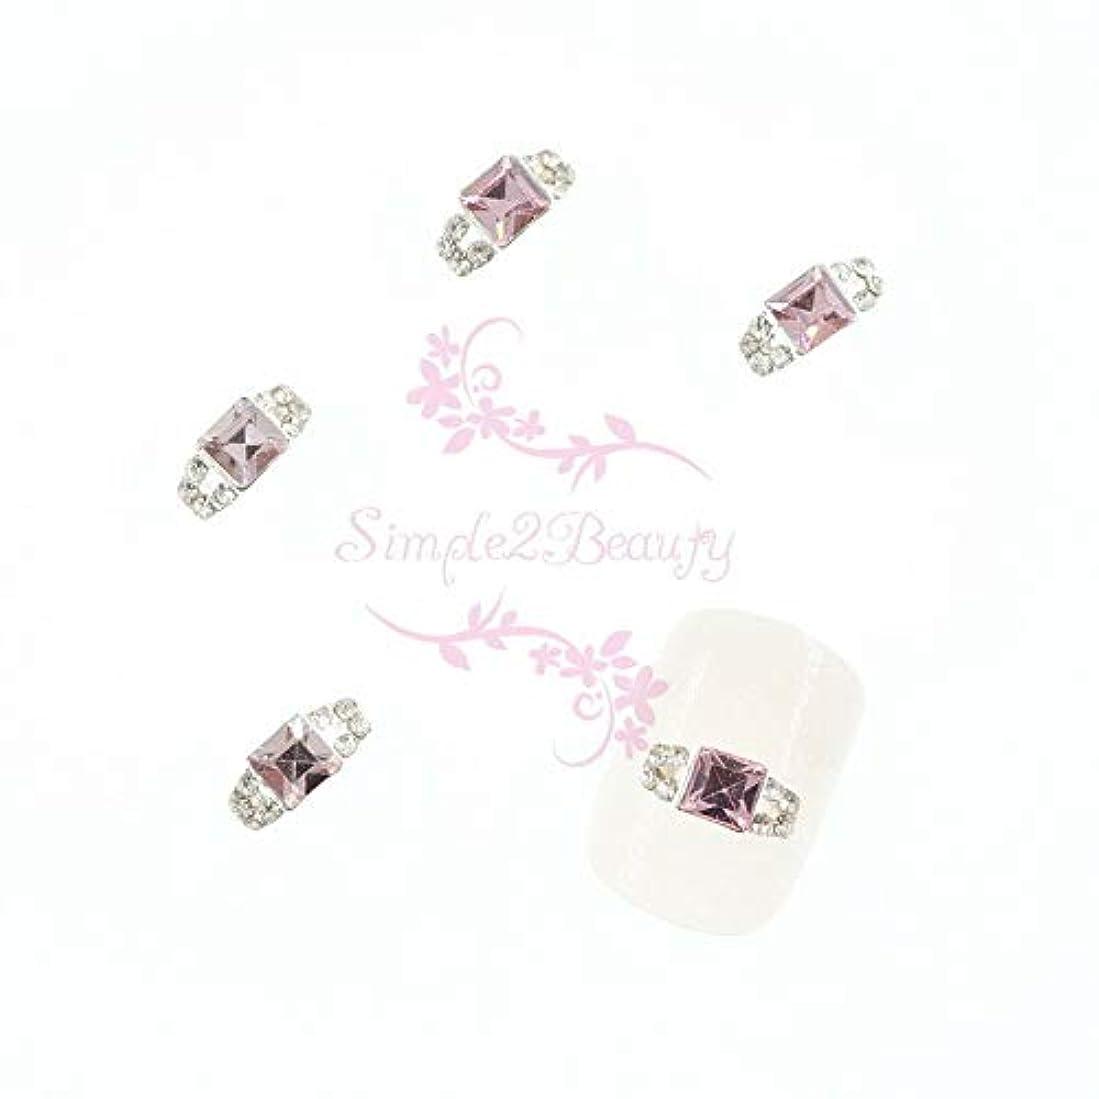 汚れる大いにガウンFidgetGear 20クリスタルラインストーンの装飾3Dリングスタイルシルバーメッキ合金チャームネイルアート ピンク